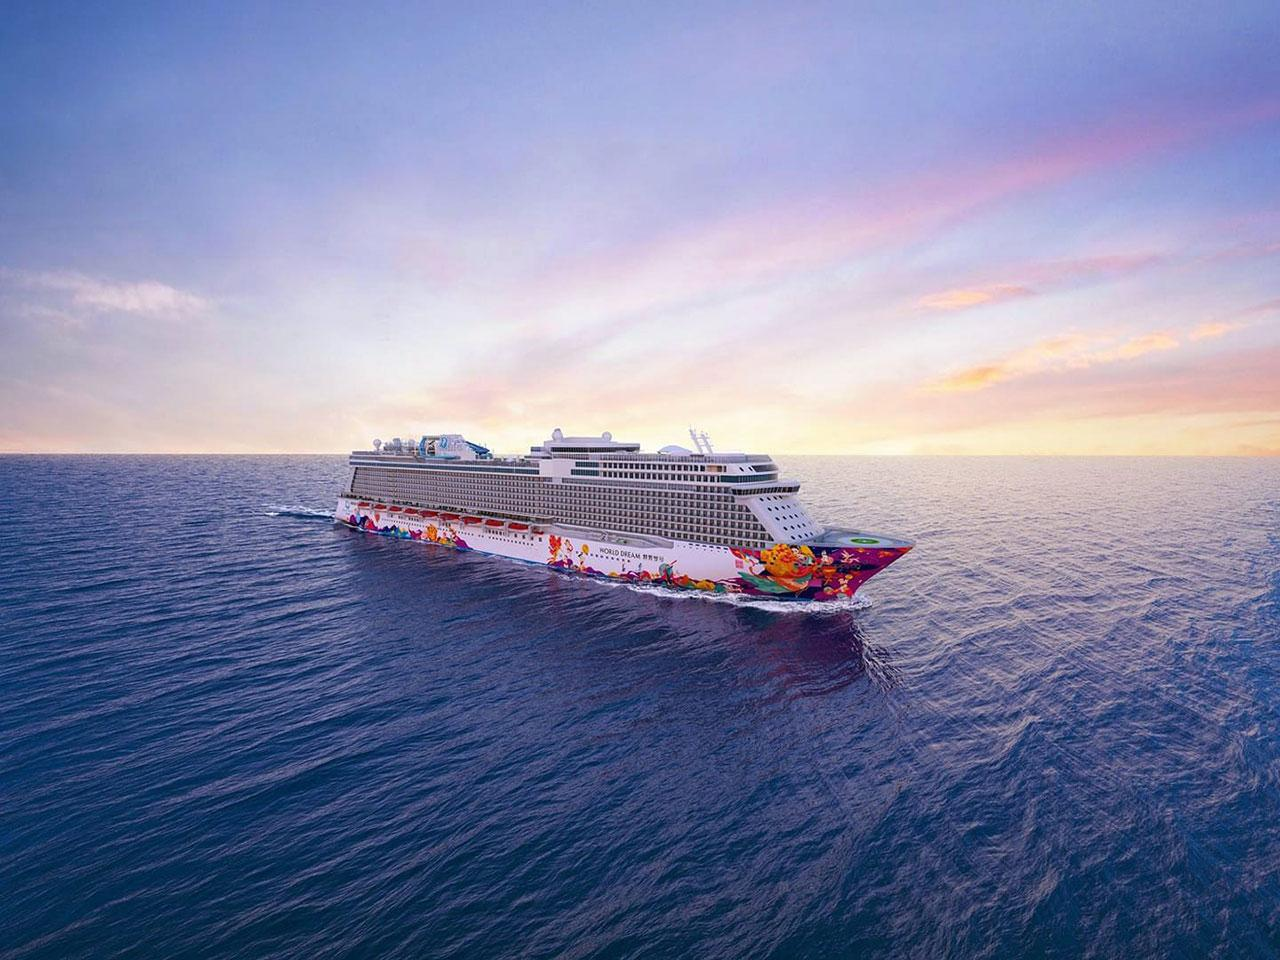 เรือสำราญ World Dream เรือสำราญลำใหม่ ในเครือ Genting Cruise Lines